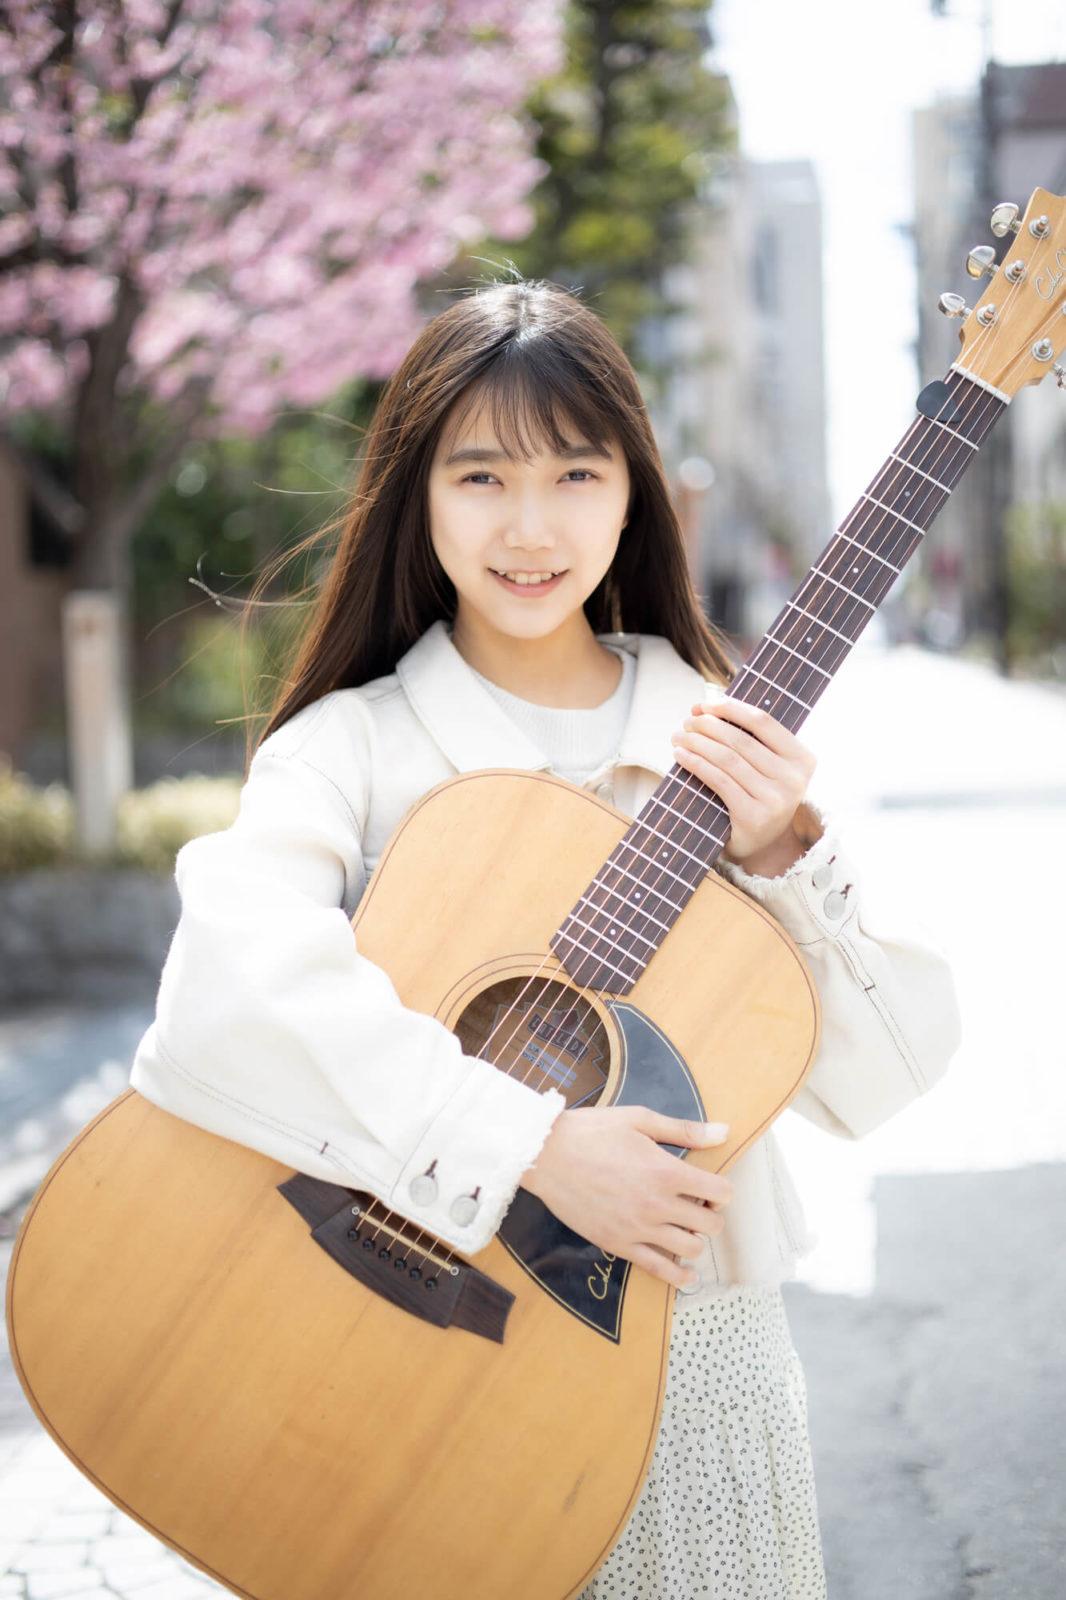 中学3年生シンガーソングライター泉真凜、初CD制作クラウドファンディングを開始、トレーラー映像公開サムネイル画像